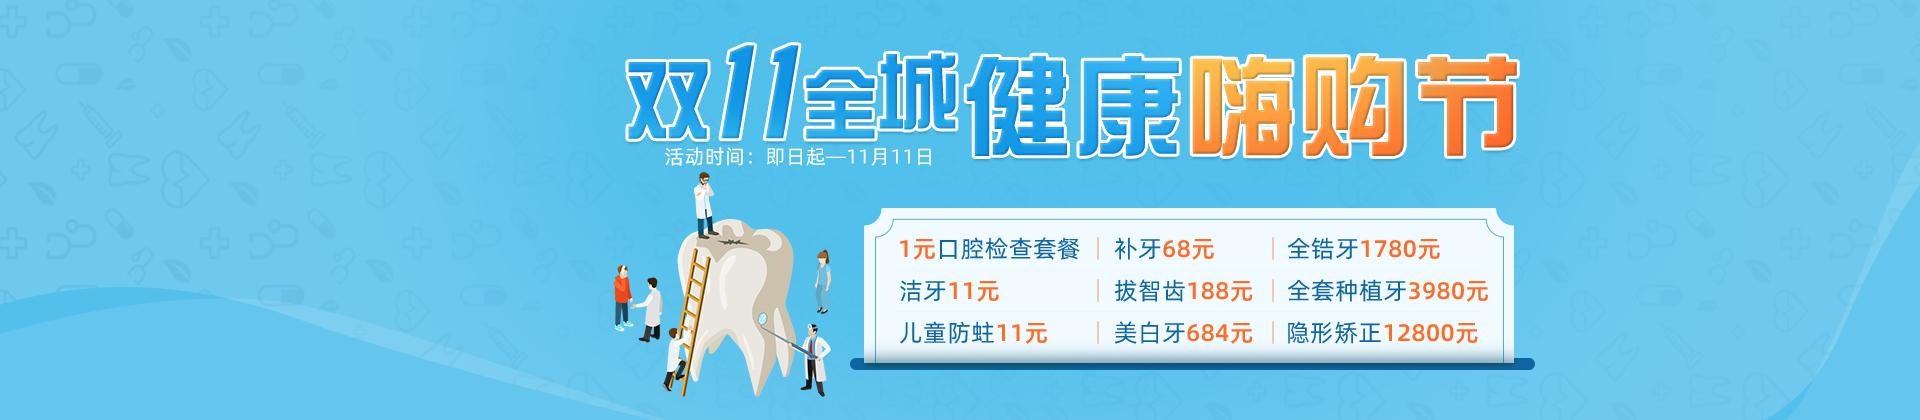 双11全城健康嗨购节 洗牙补牙拔牙等项目低至1元